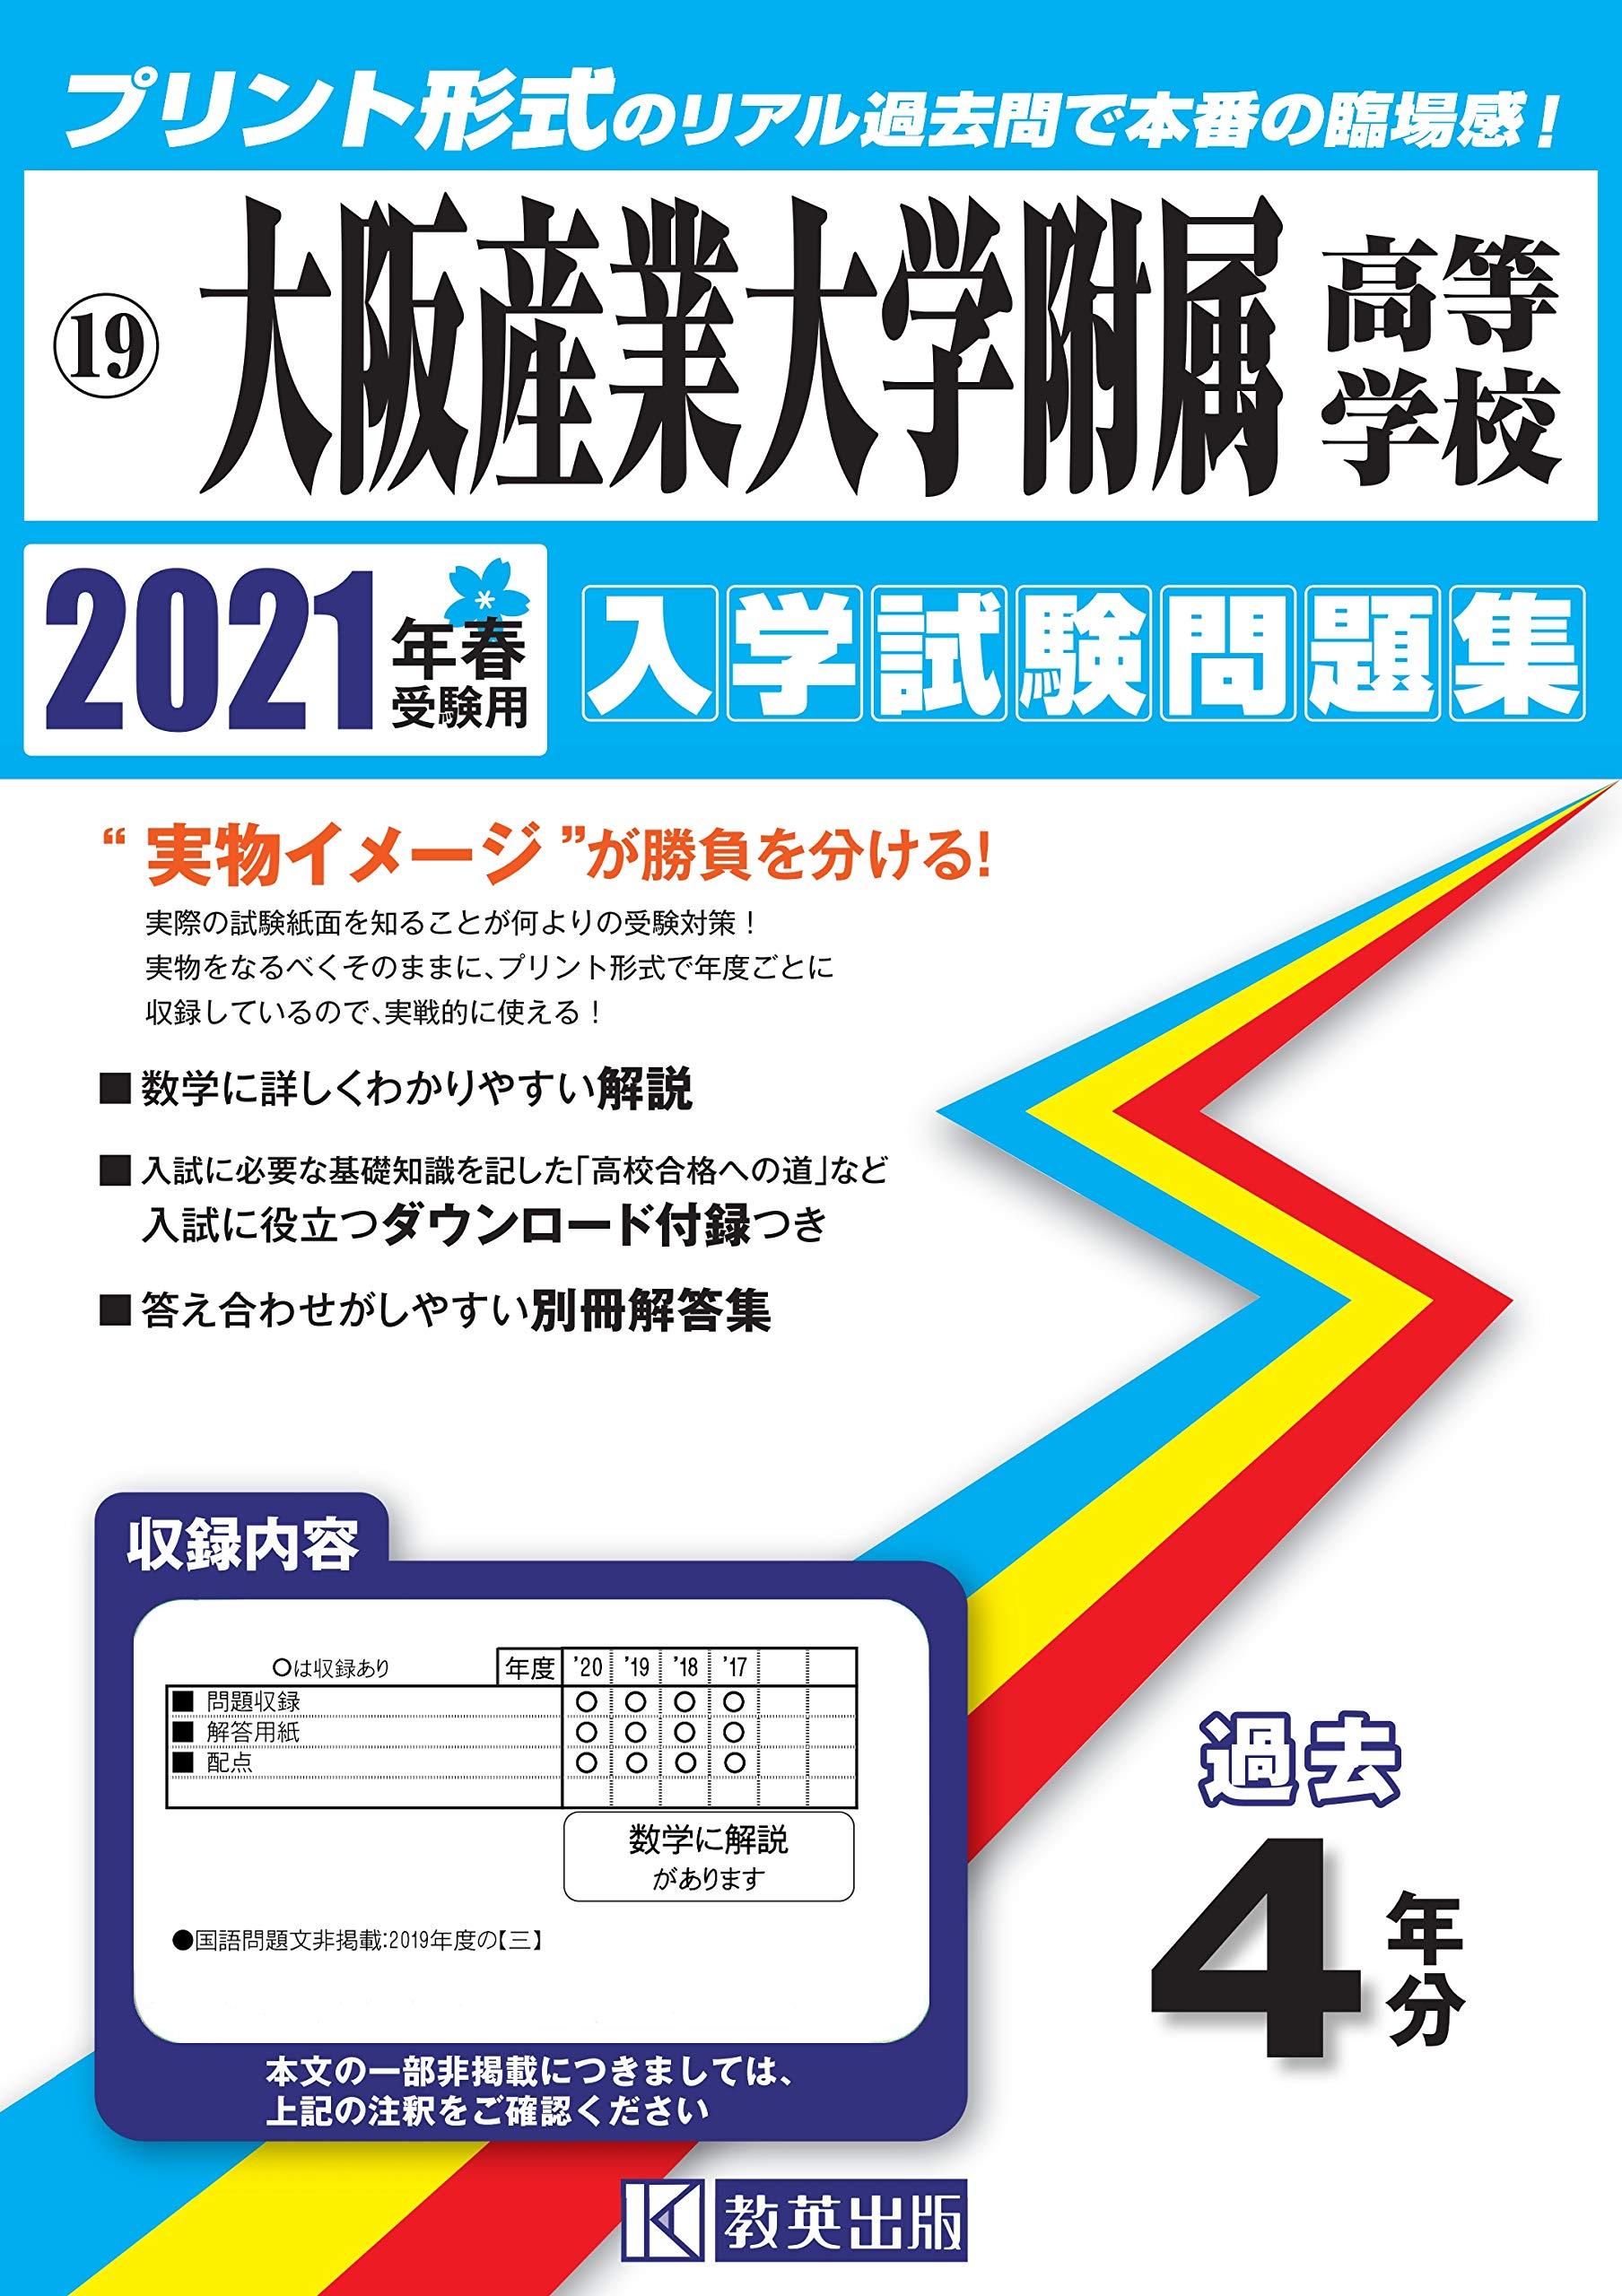 学校 大学 附属 大阪 産業 高等